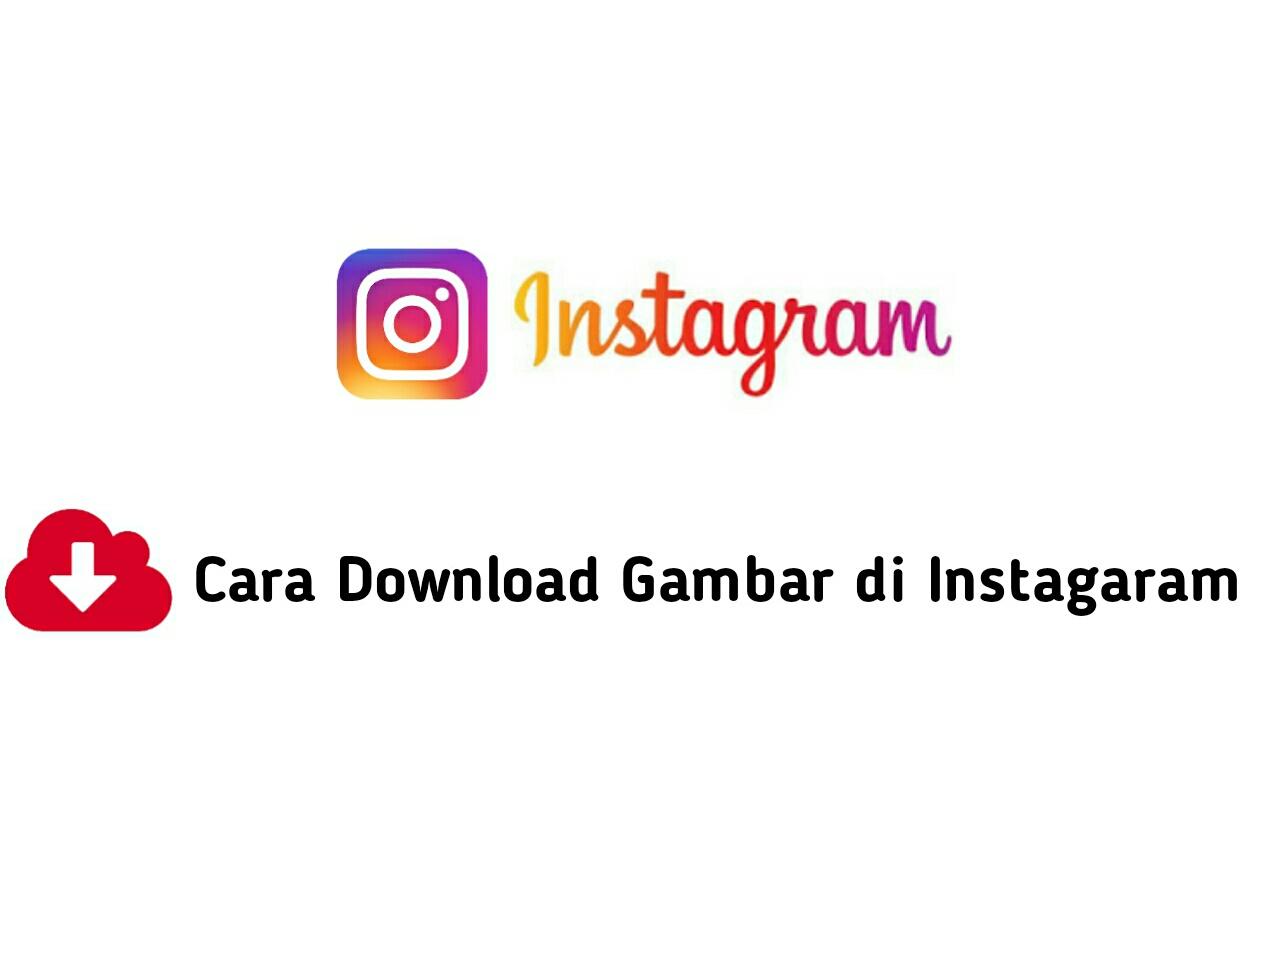 Tutorial Download Gambar di Instagram 2